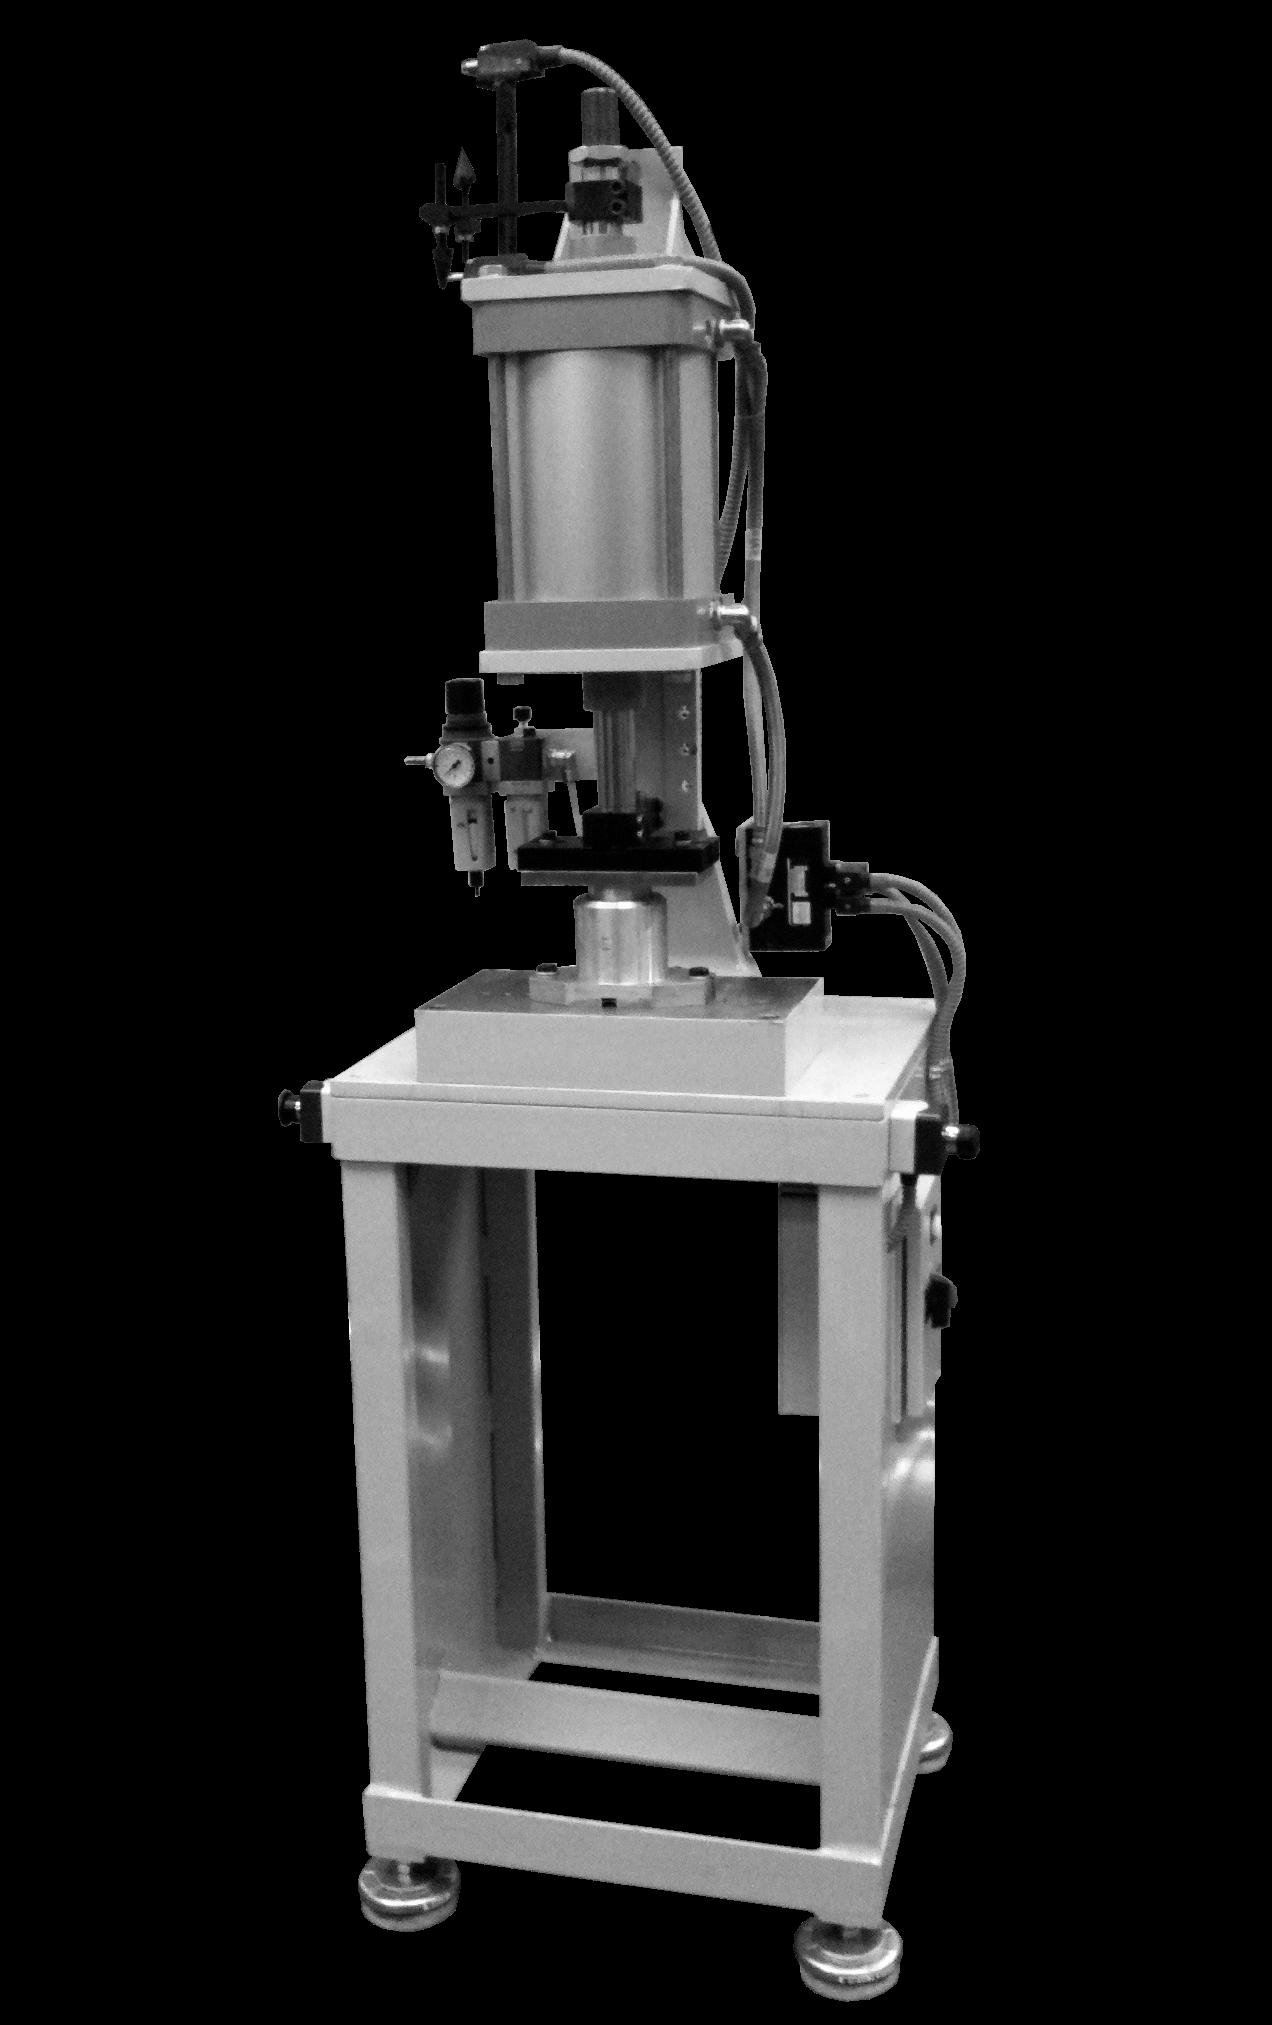 Troqueladora semiautomática de pastillas de jabón para pequeña producción